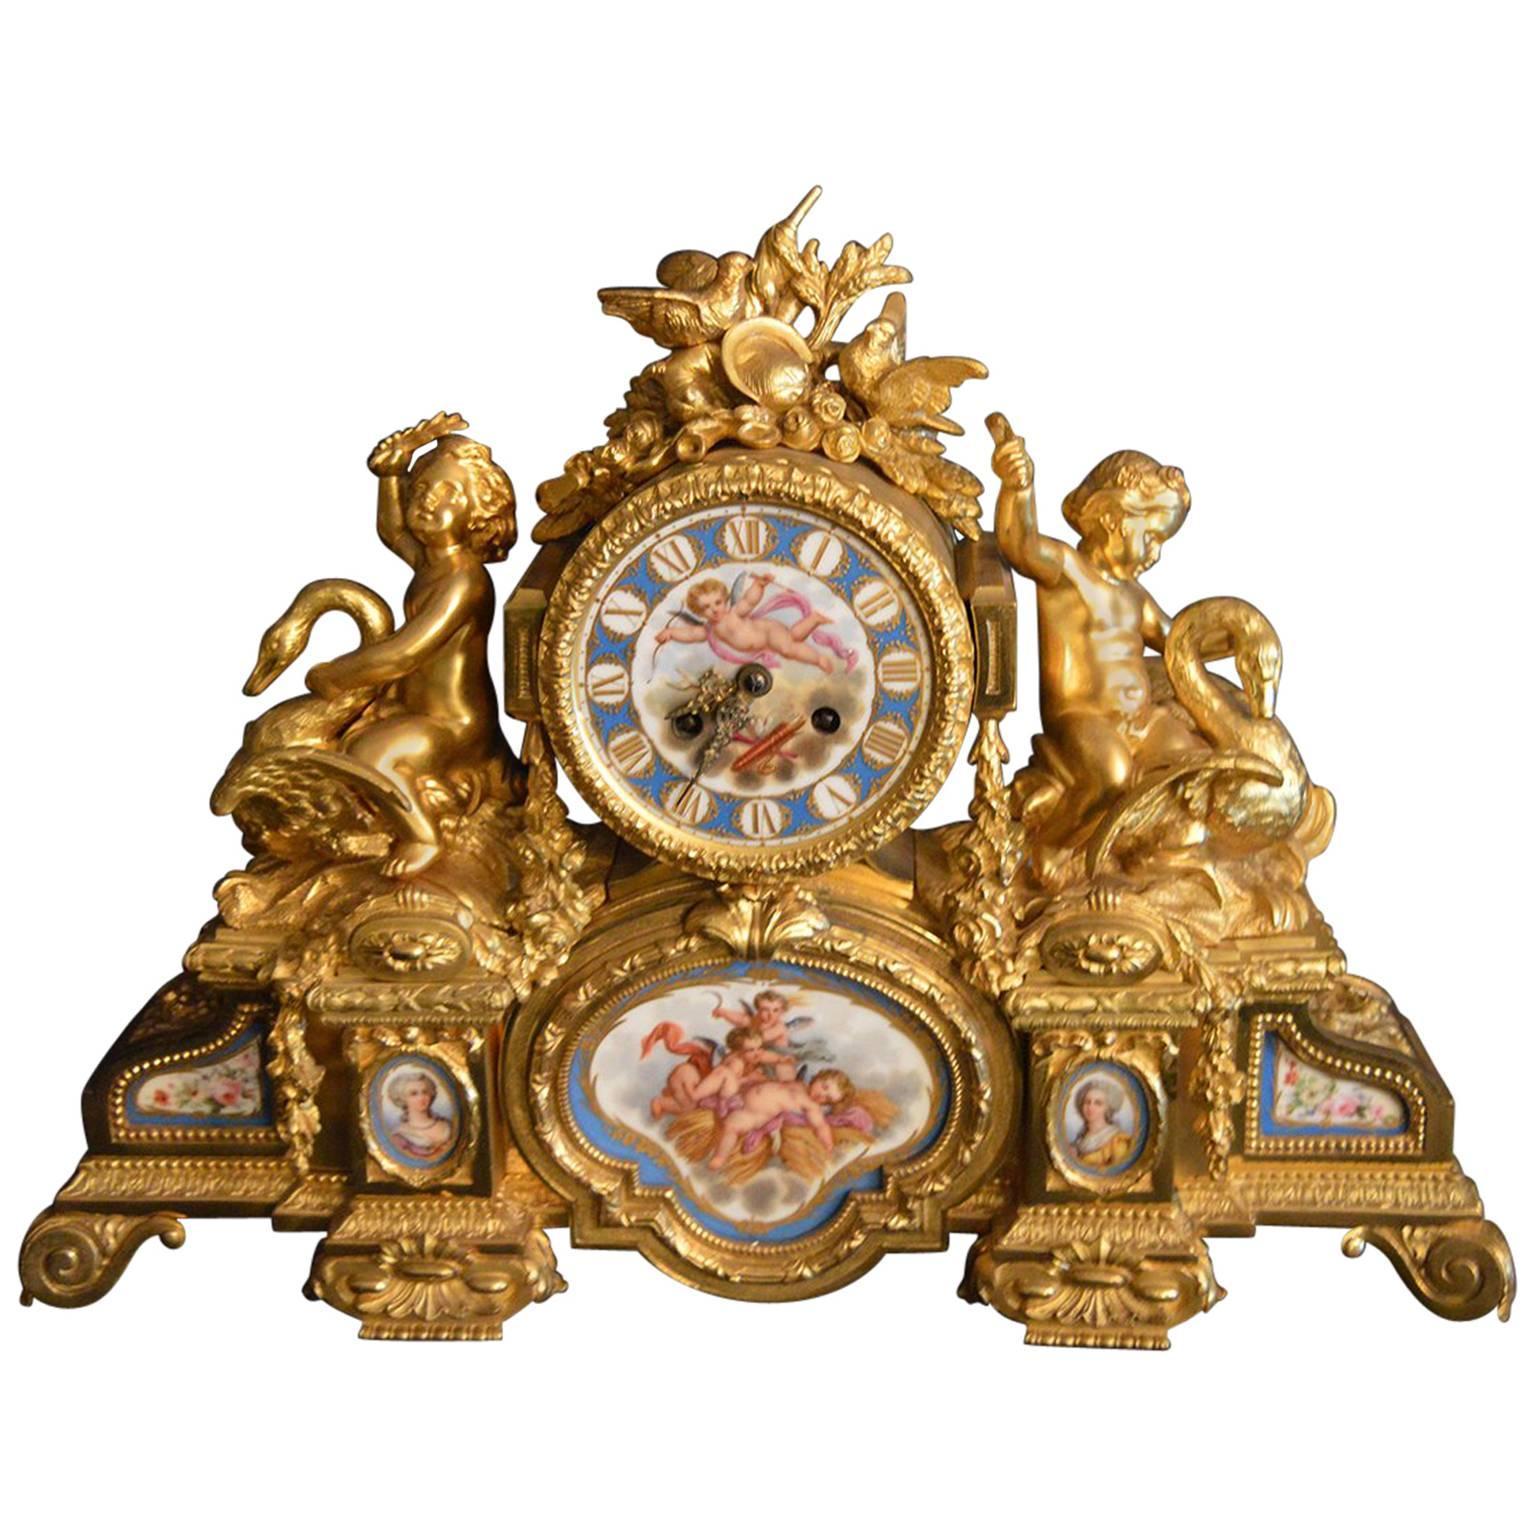 Sèvres Porcelain with Doré Bronze Clock